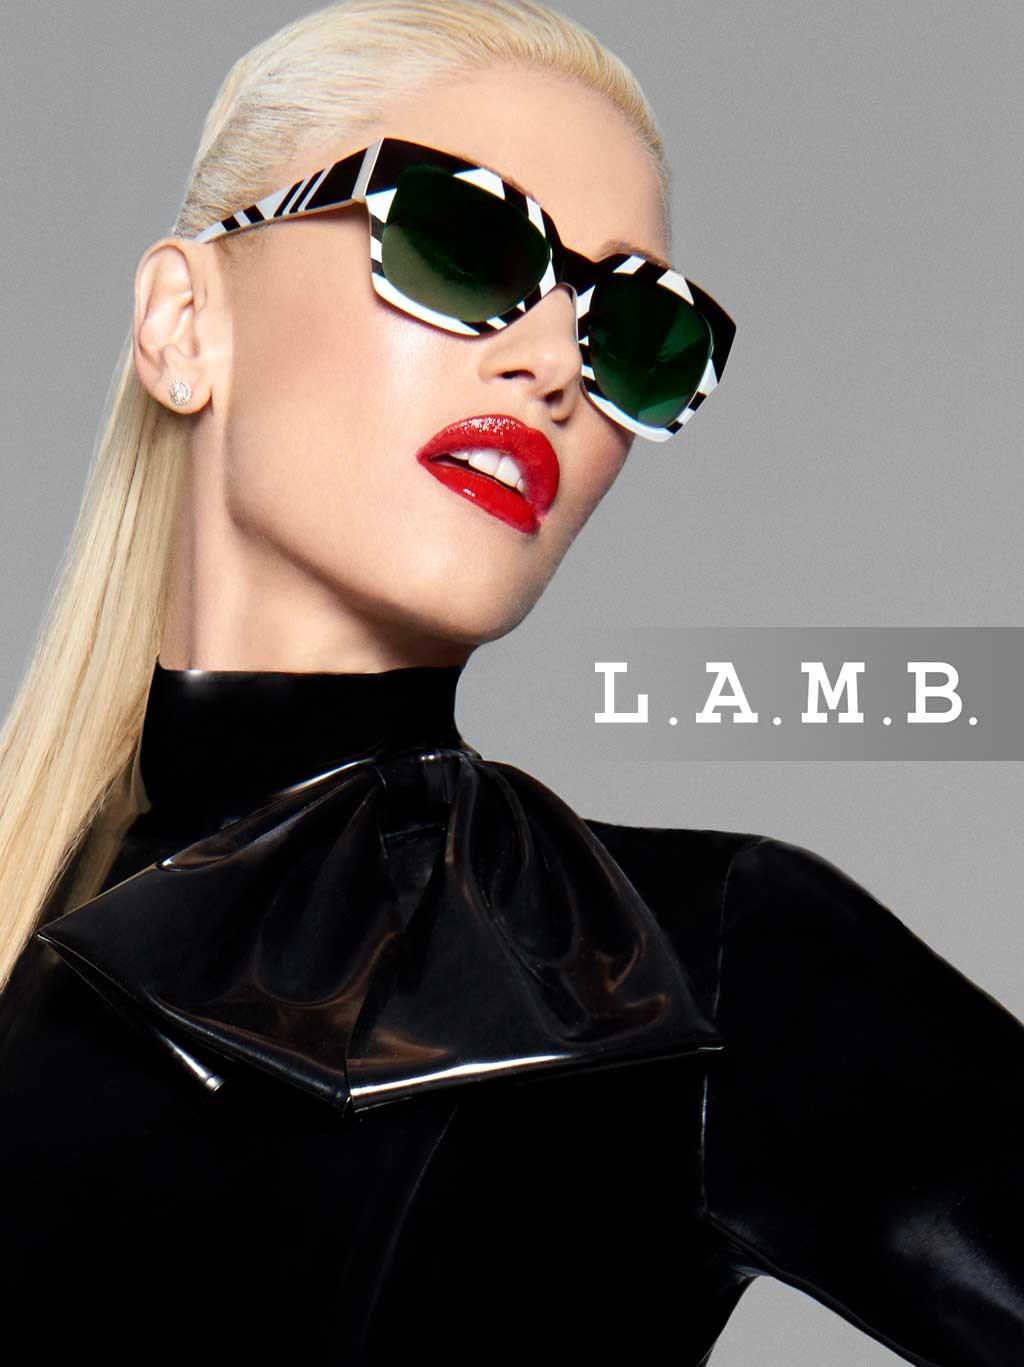 L.A.M.B. | Tura Gwen Stefani Glasses